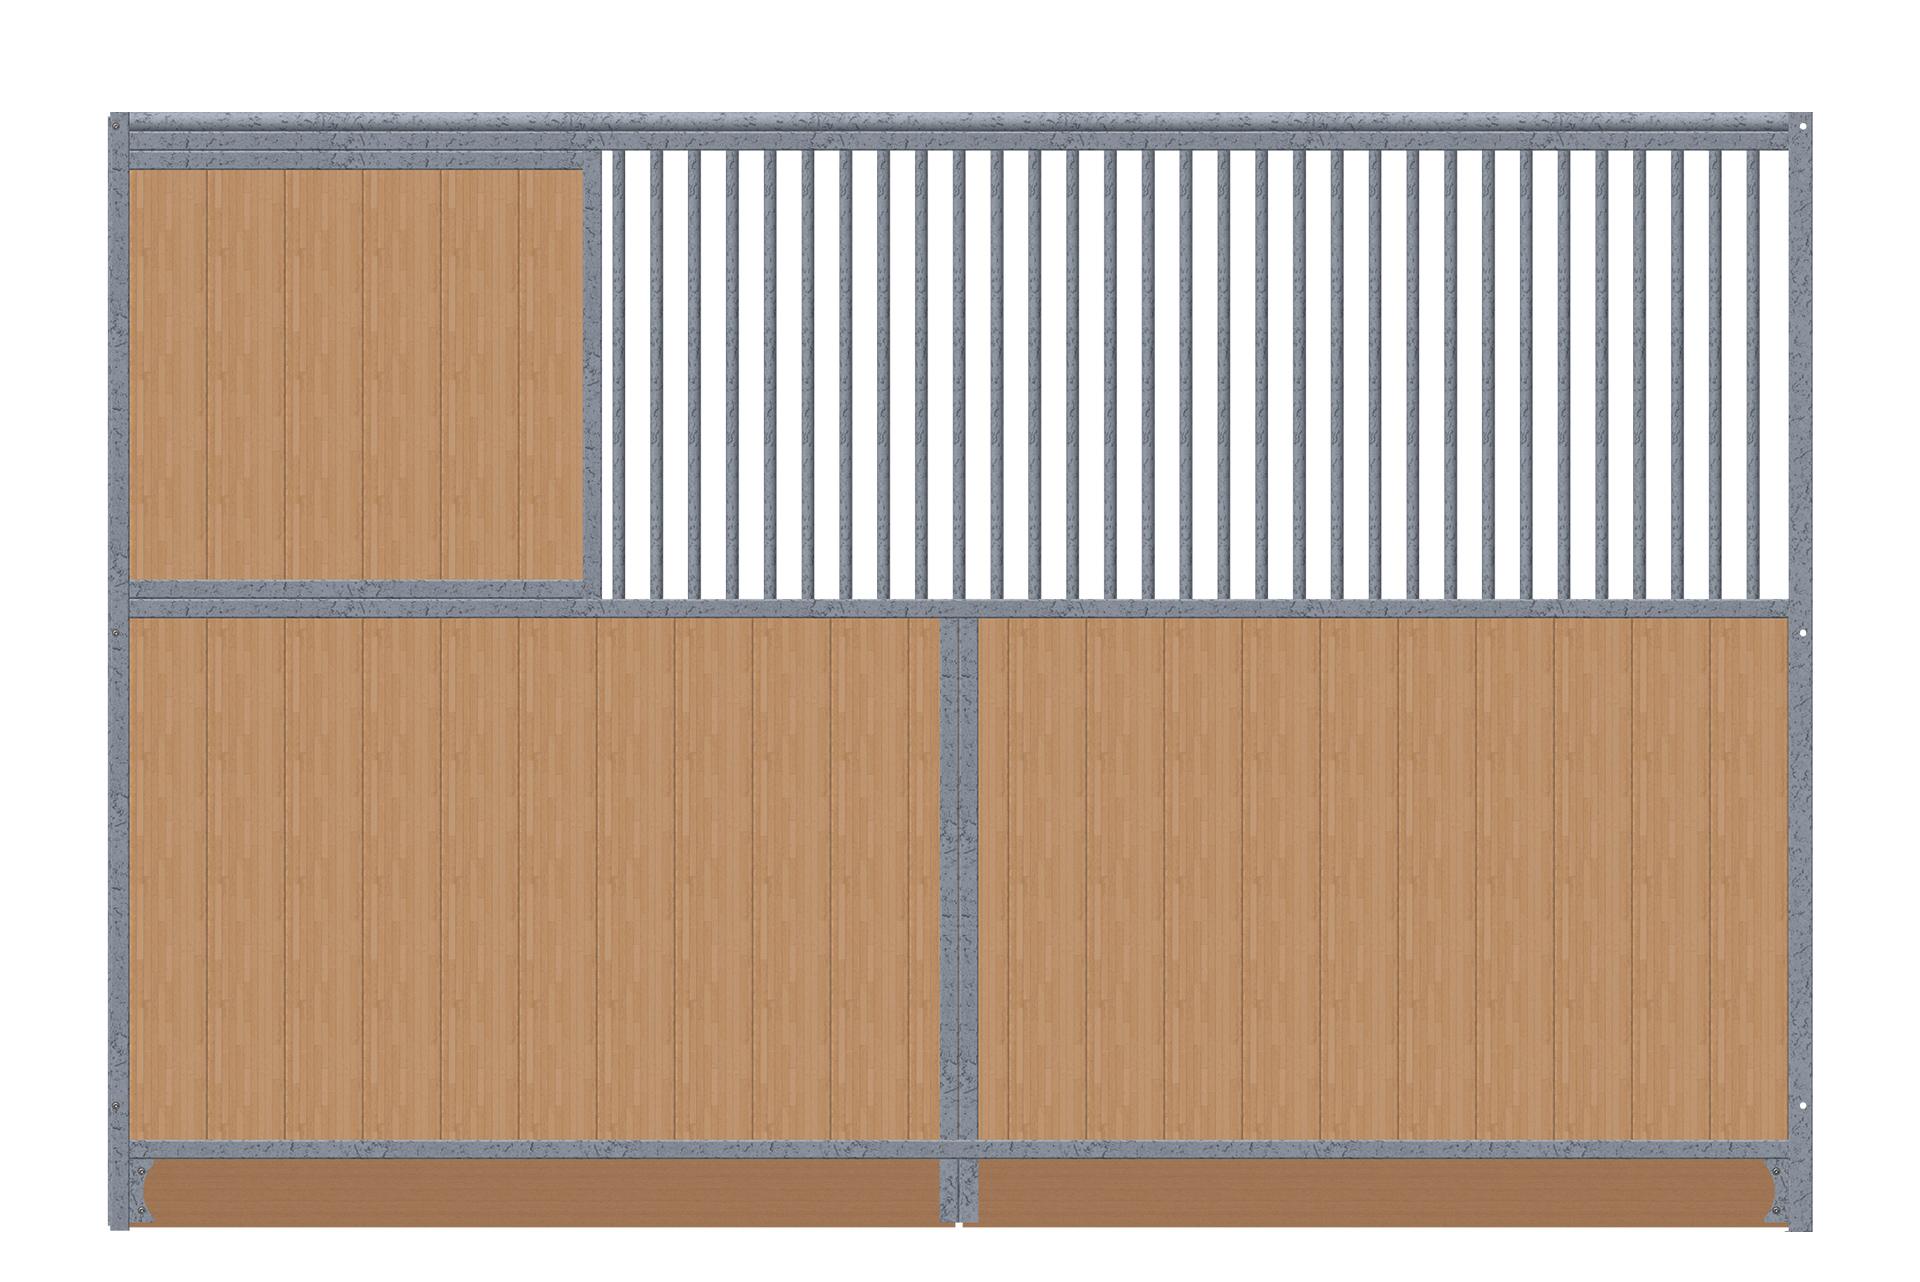 Trennwand-1x-Sichtschutz-grade-verzinkt